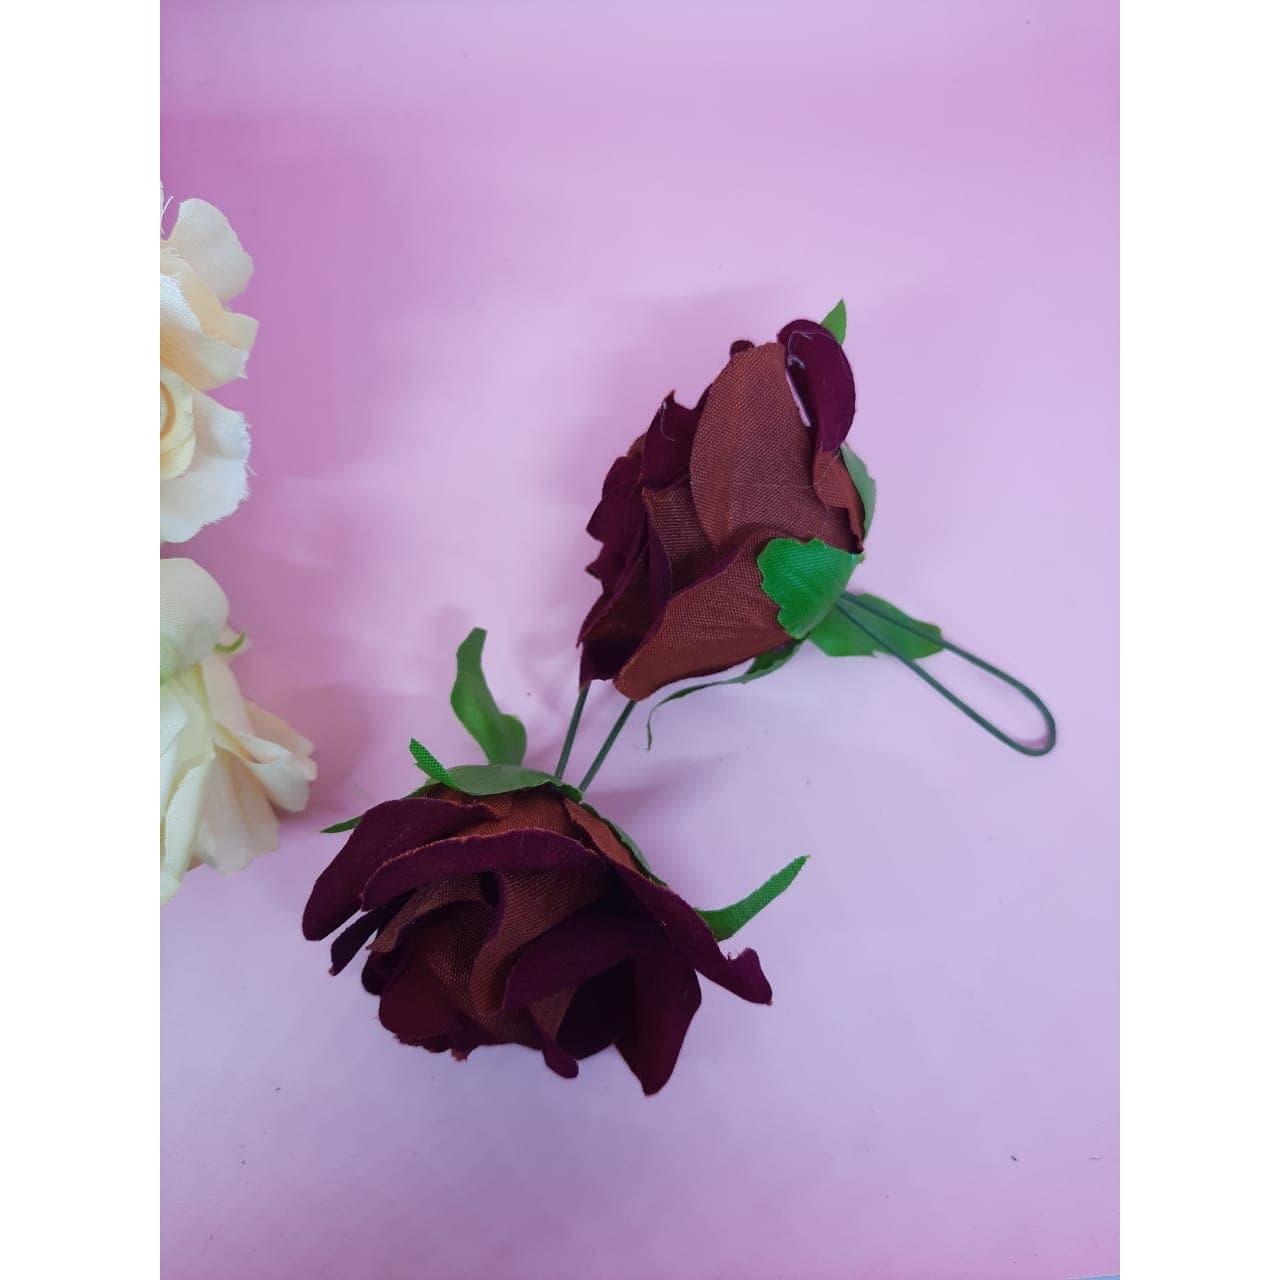 Tusuk bunga KR1 merah hairpin tusuk rambut hiasan accecories rambut thumbnail